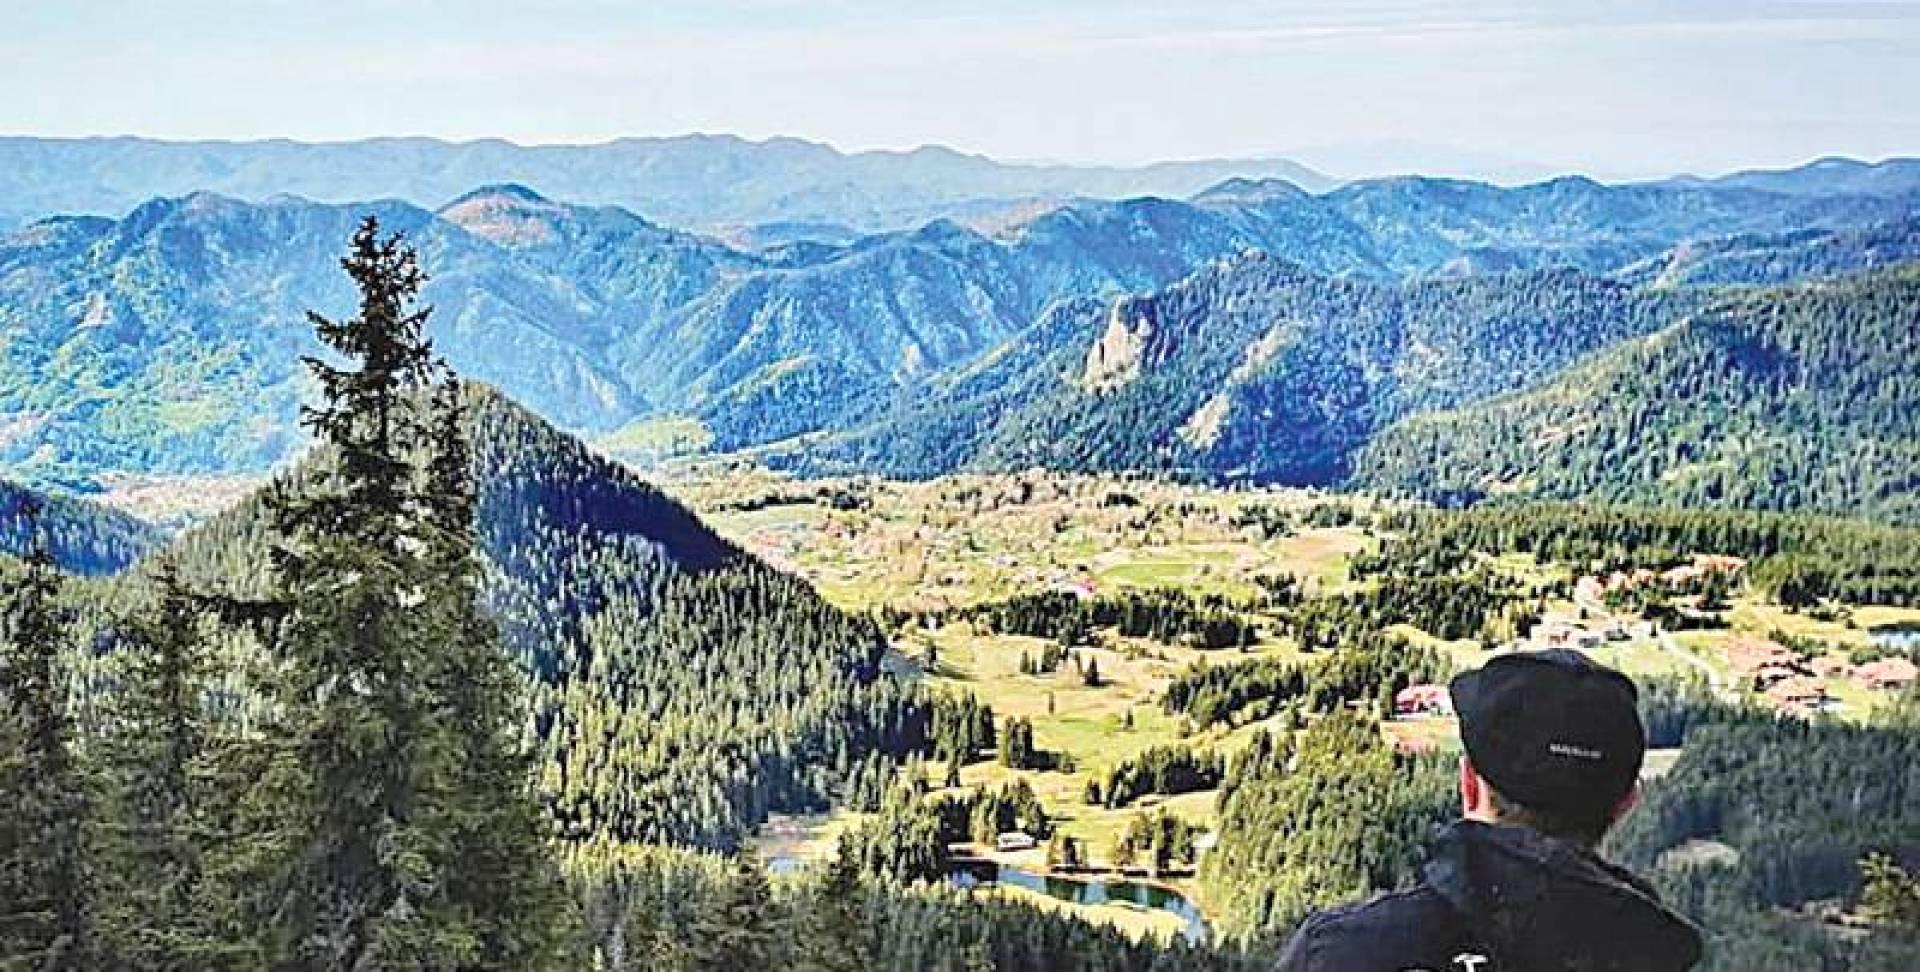 أحد التلال المطلة على منظر بانورامي ضمن جبال بامبوروفو